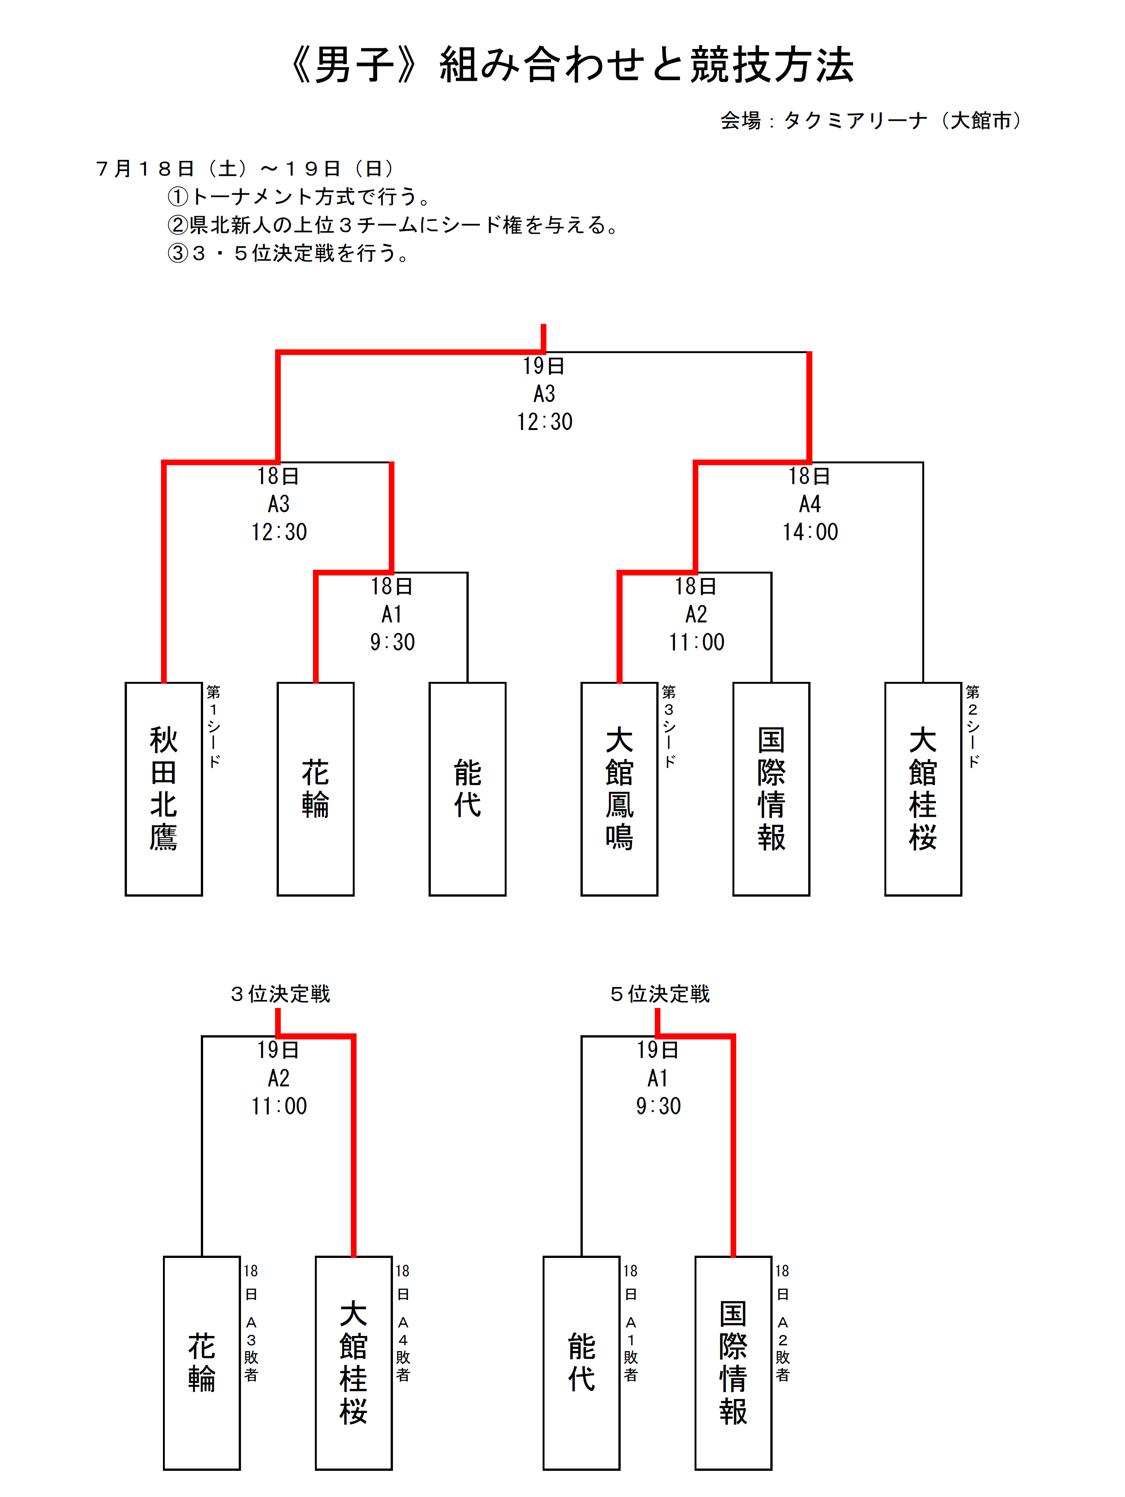 2020_秋田代替大会_県北地区_男子_結果